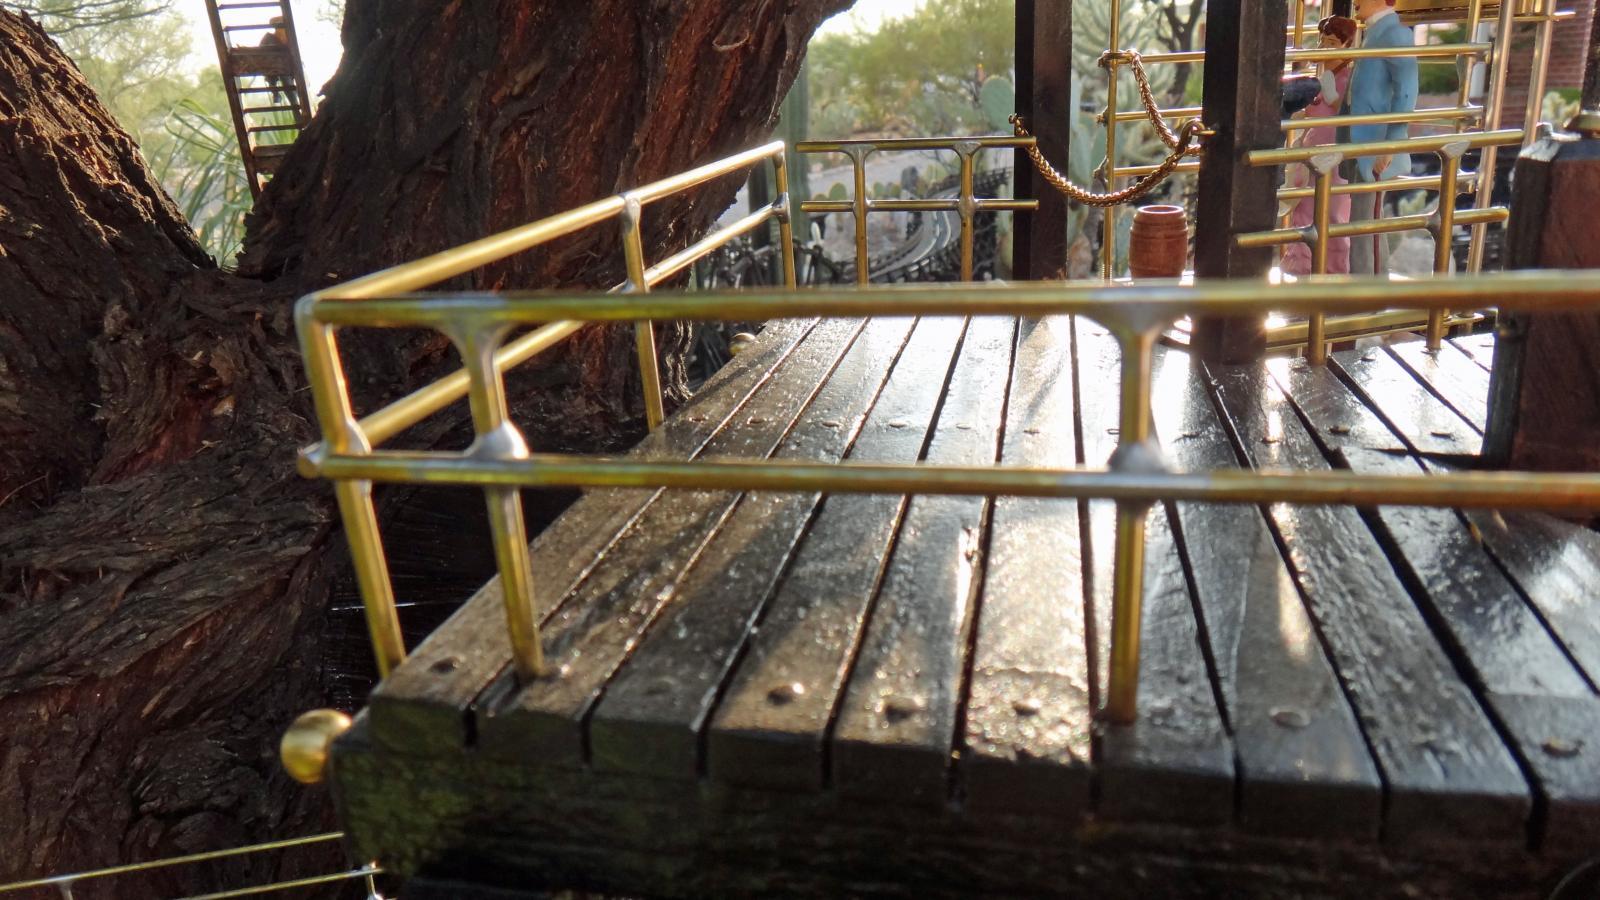 Garden Railway Treehouse Remodeled-14.JPG